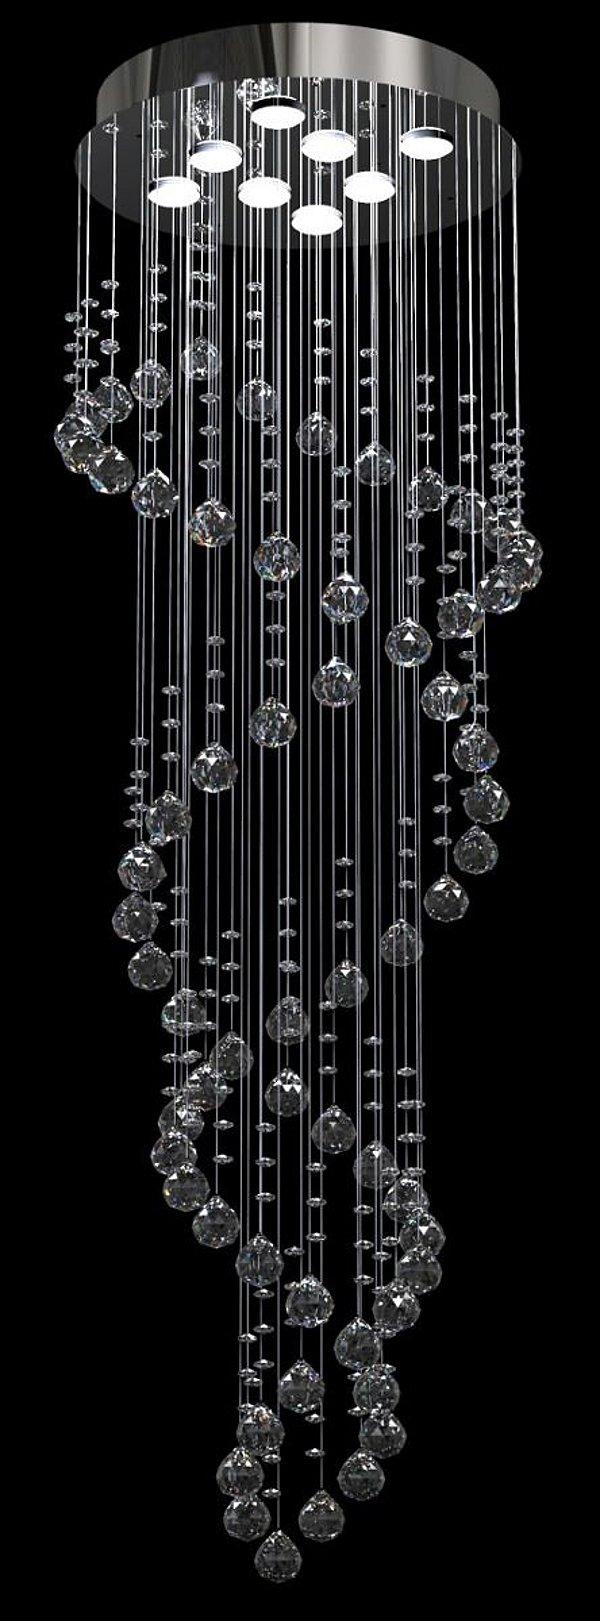 Lustre Redondo Inox Espelhado Dna Cristal Translúcido 8 Lâmpadas Ø42 New Design Gu10 Dna/42 Entradas e Salas